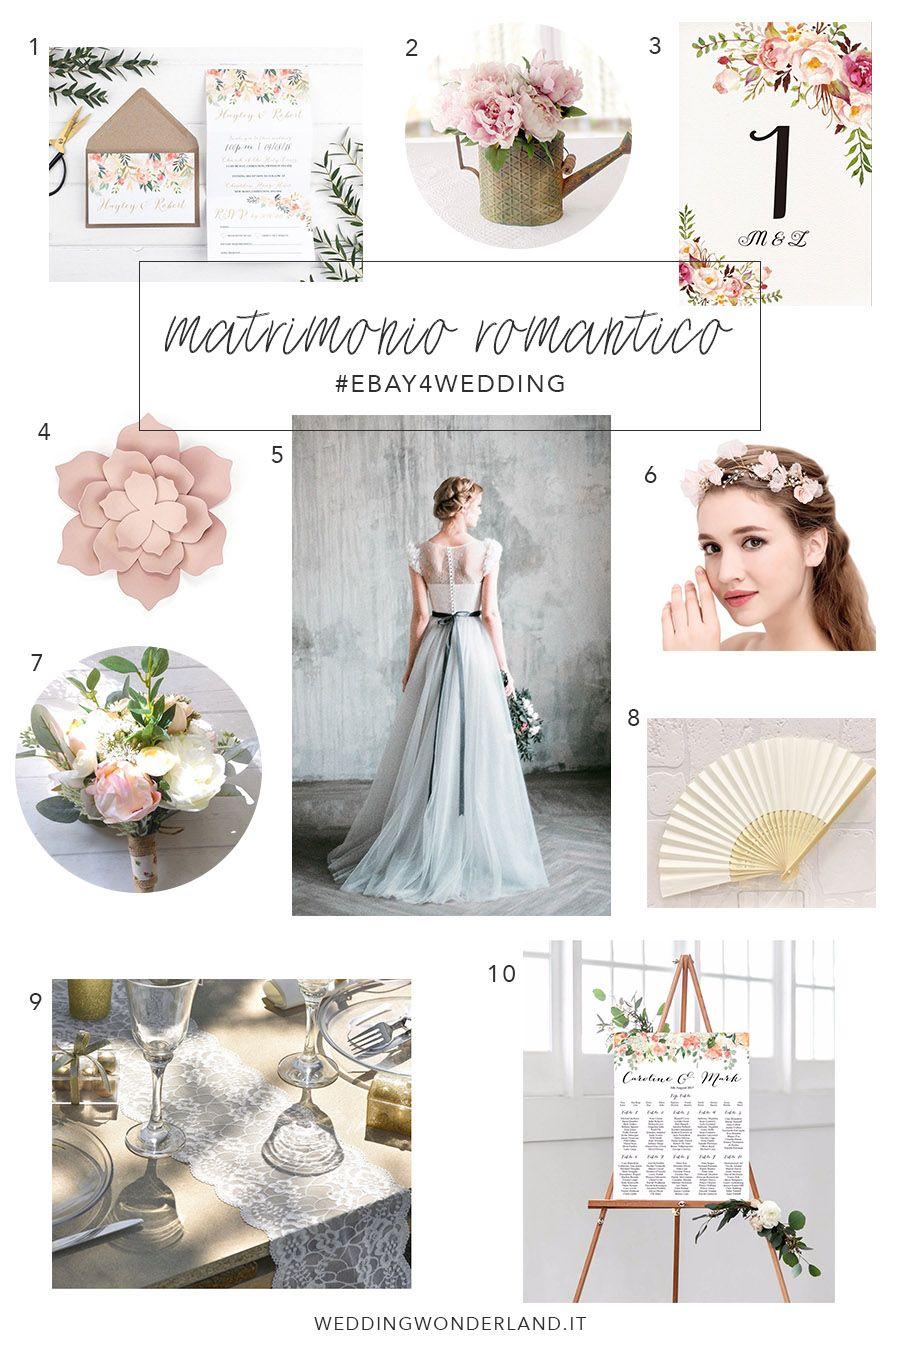 3 Stili 3 Matrimoni Ecco Come Organizzare Un Matrimonio Con Ebay Matrimonio Matrimoni Romantici Temi Di Nozze